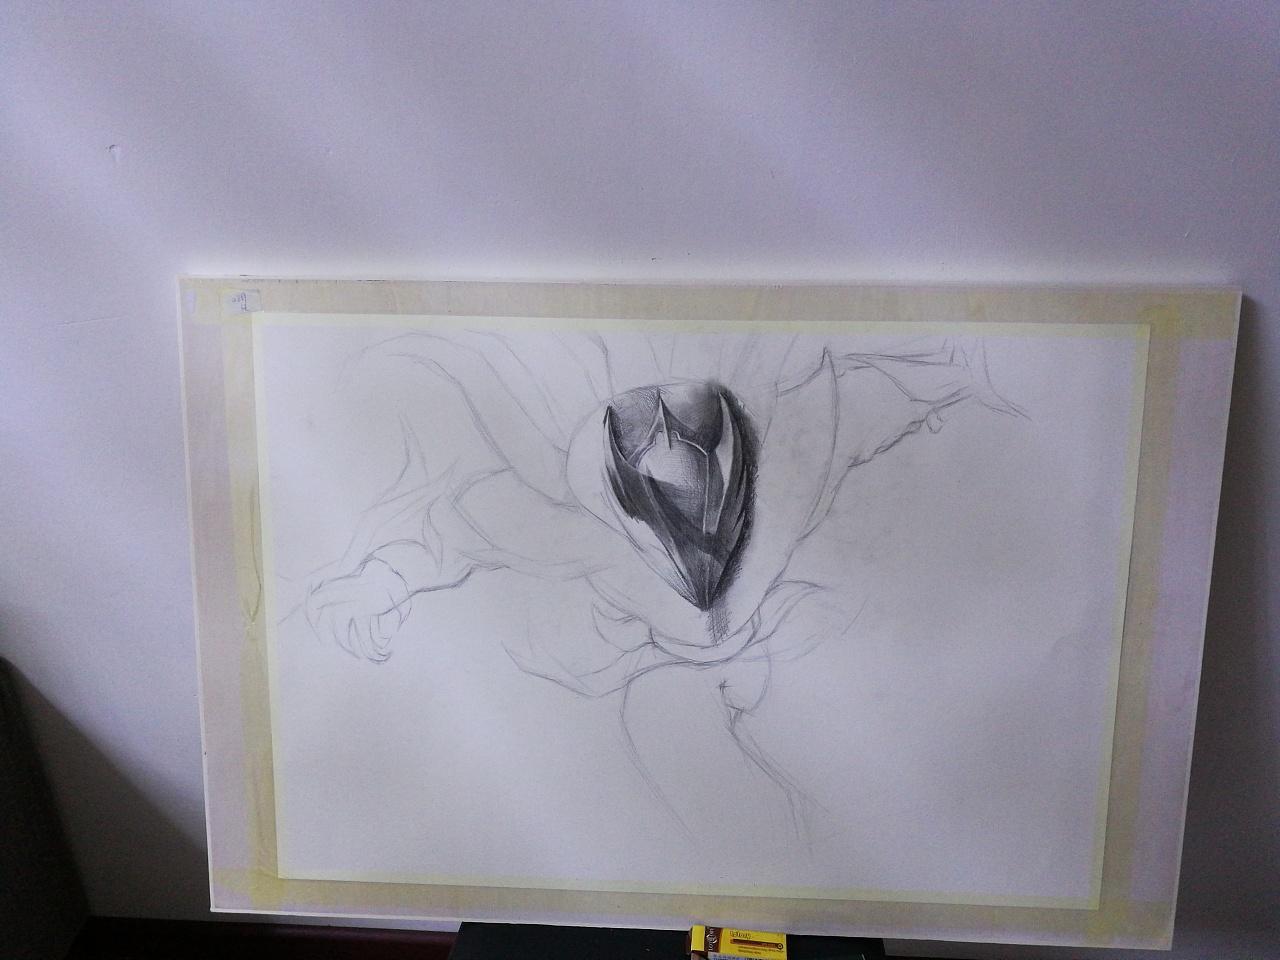 临摹手绘英雄联盟腥红之月泰隆